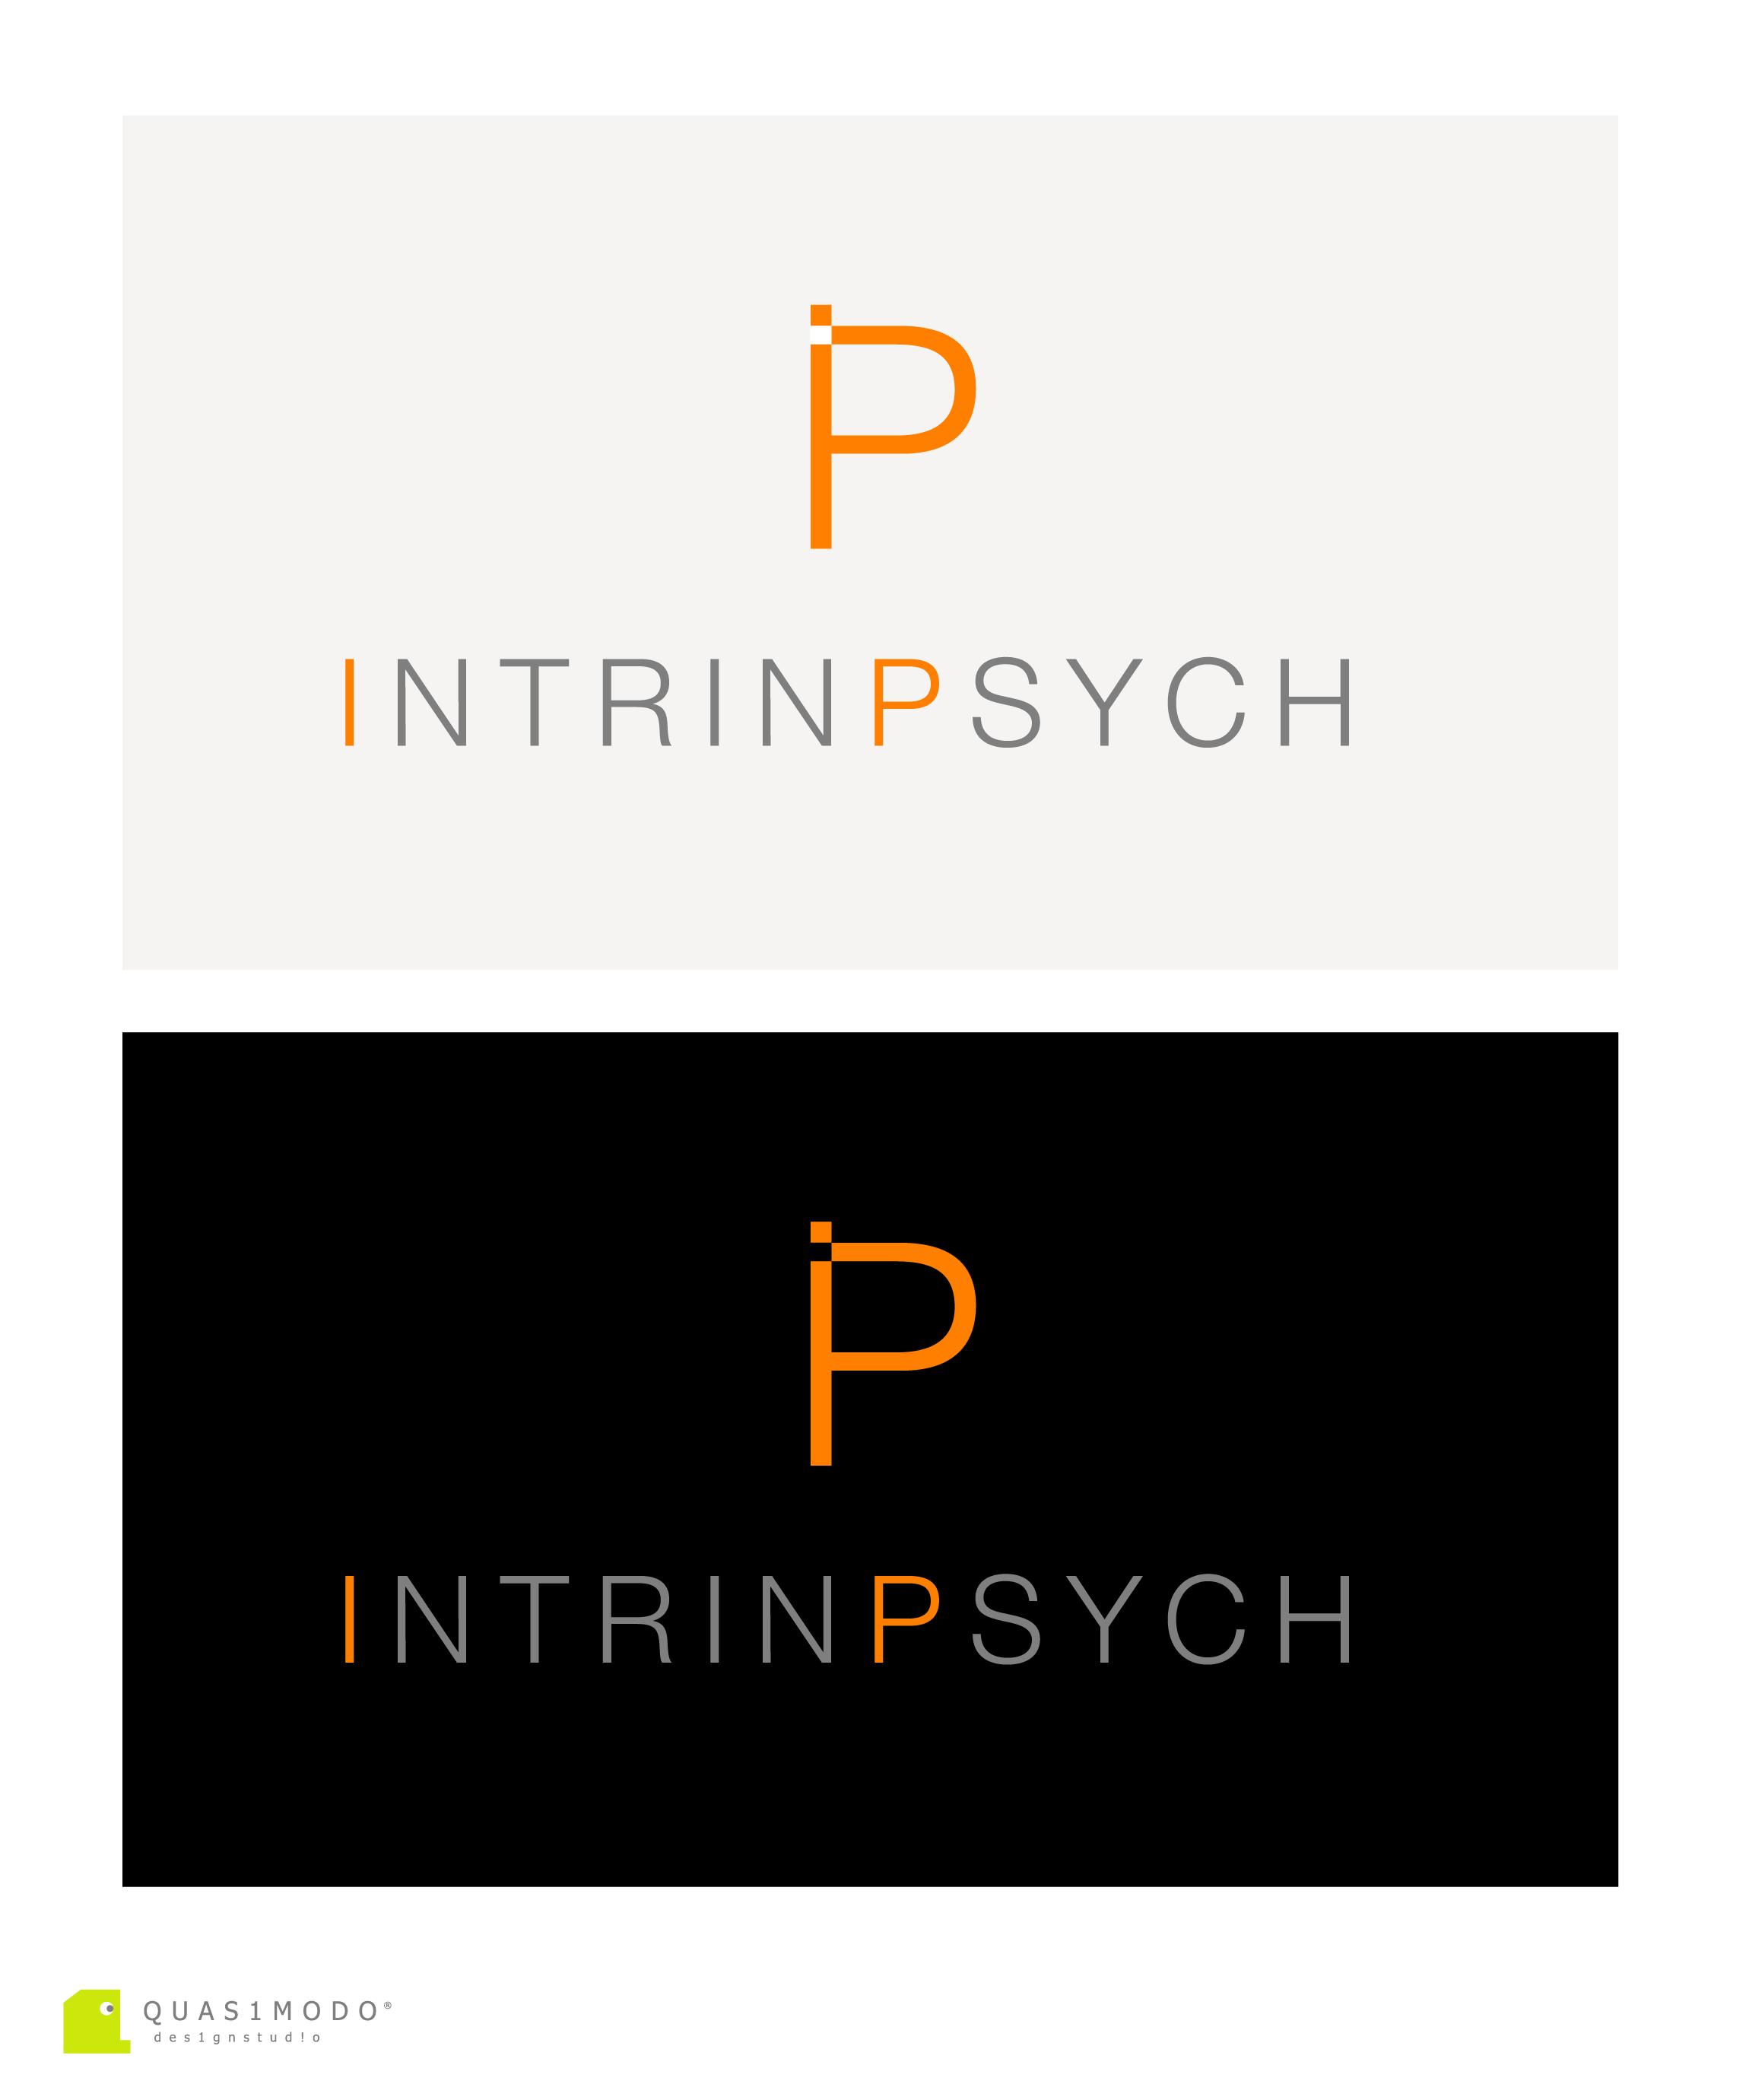 Logo Design by DIMITRIOS PAPADOPOULOS - Entry No. 173 in the Logo Design Contest New Logo Design for IntrinPsych.